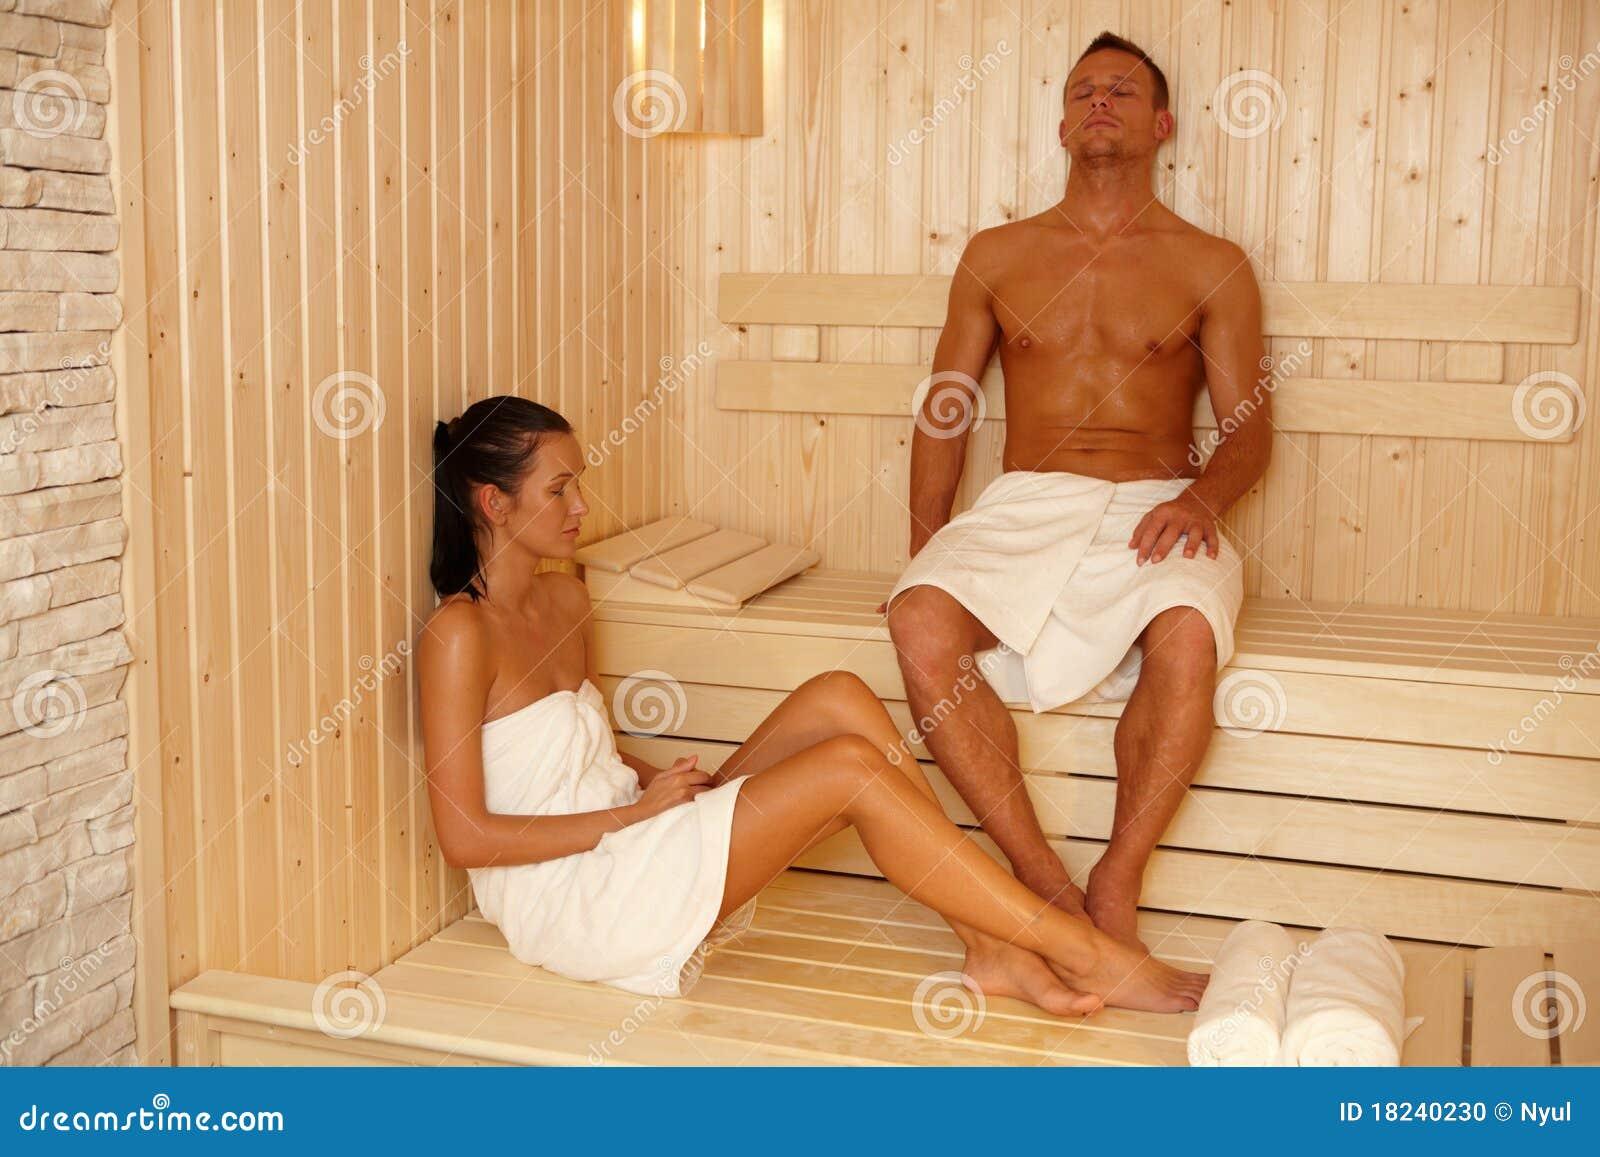 Фото русские семейные пары в бане, Наш семейный поход в баню (16 фото) 23 фотография